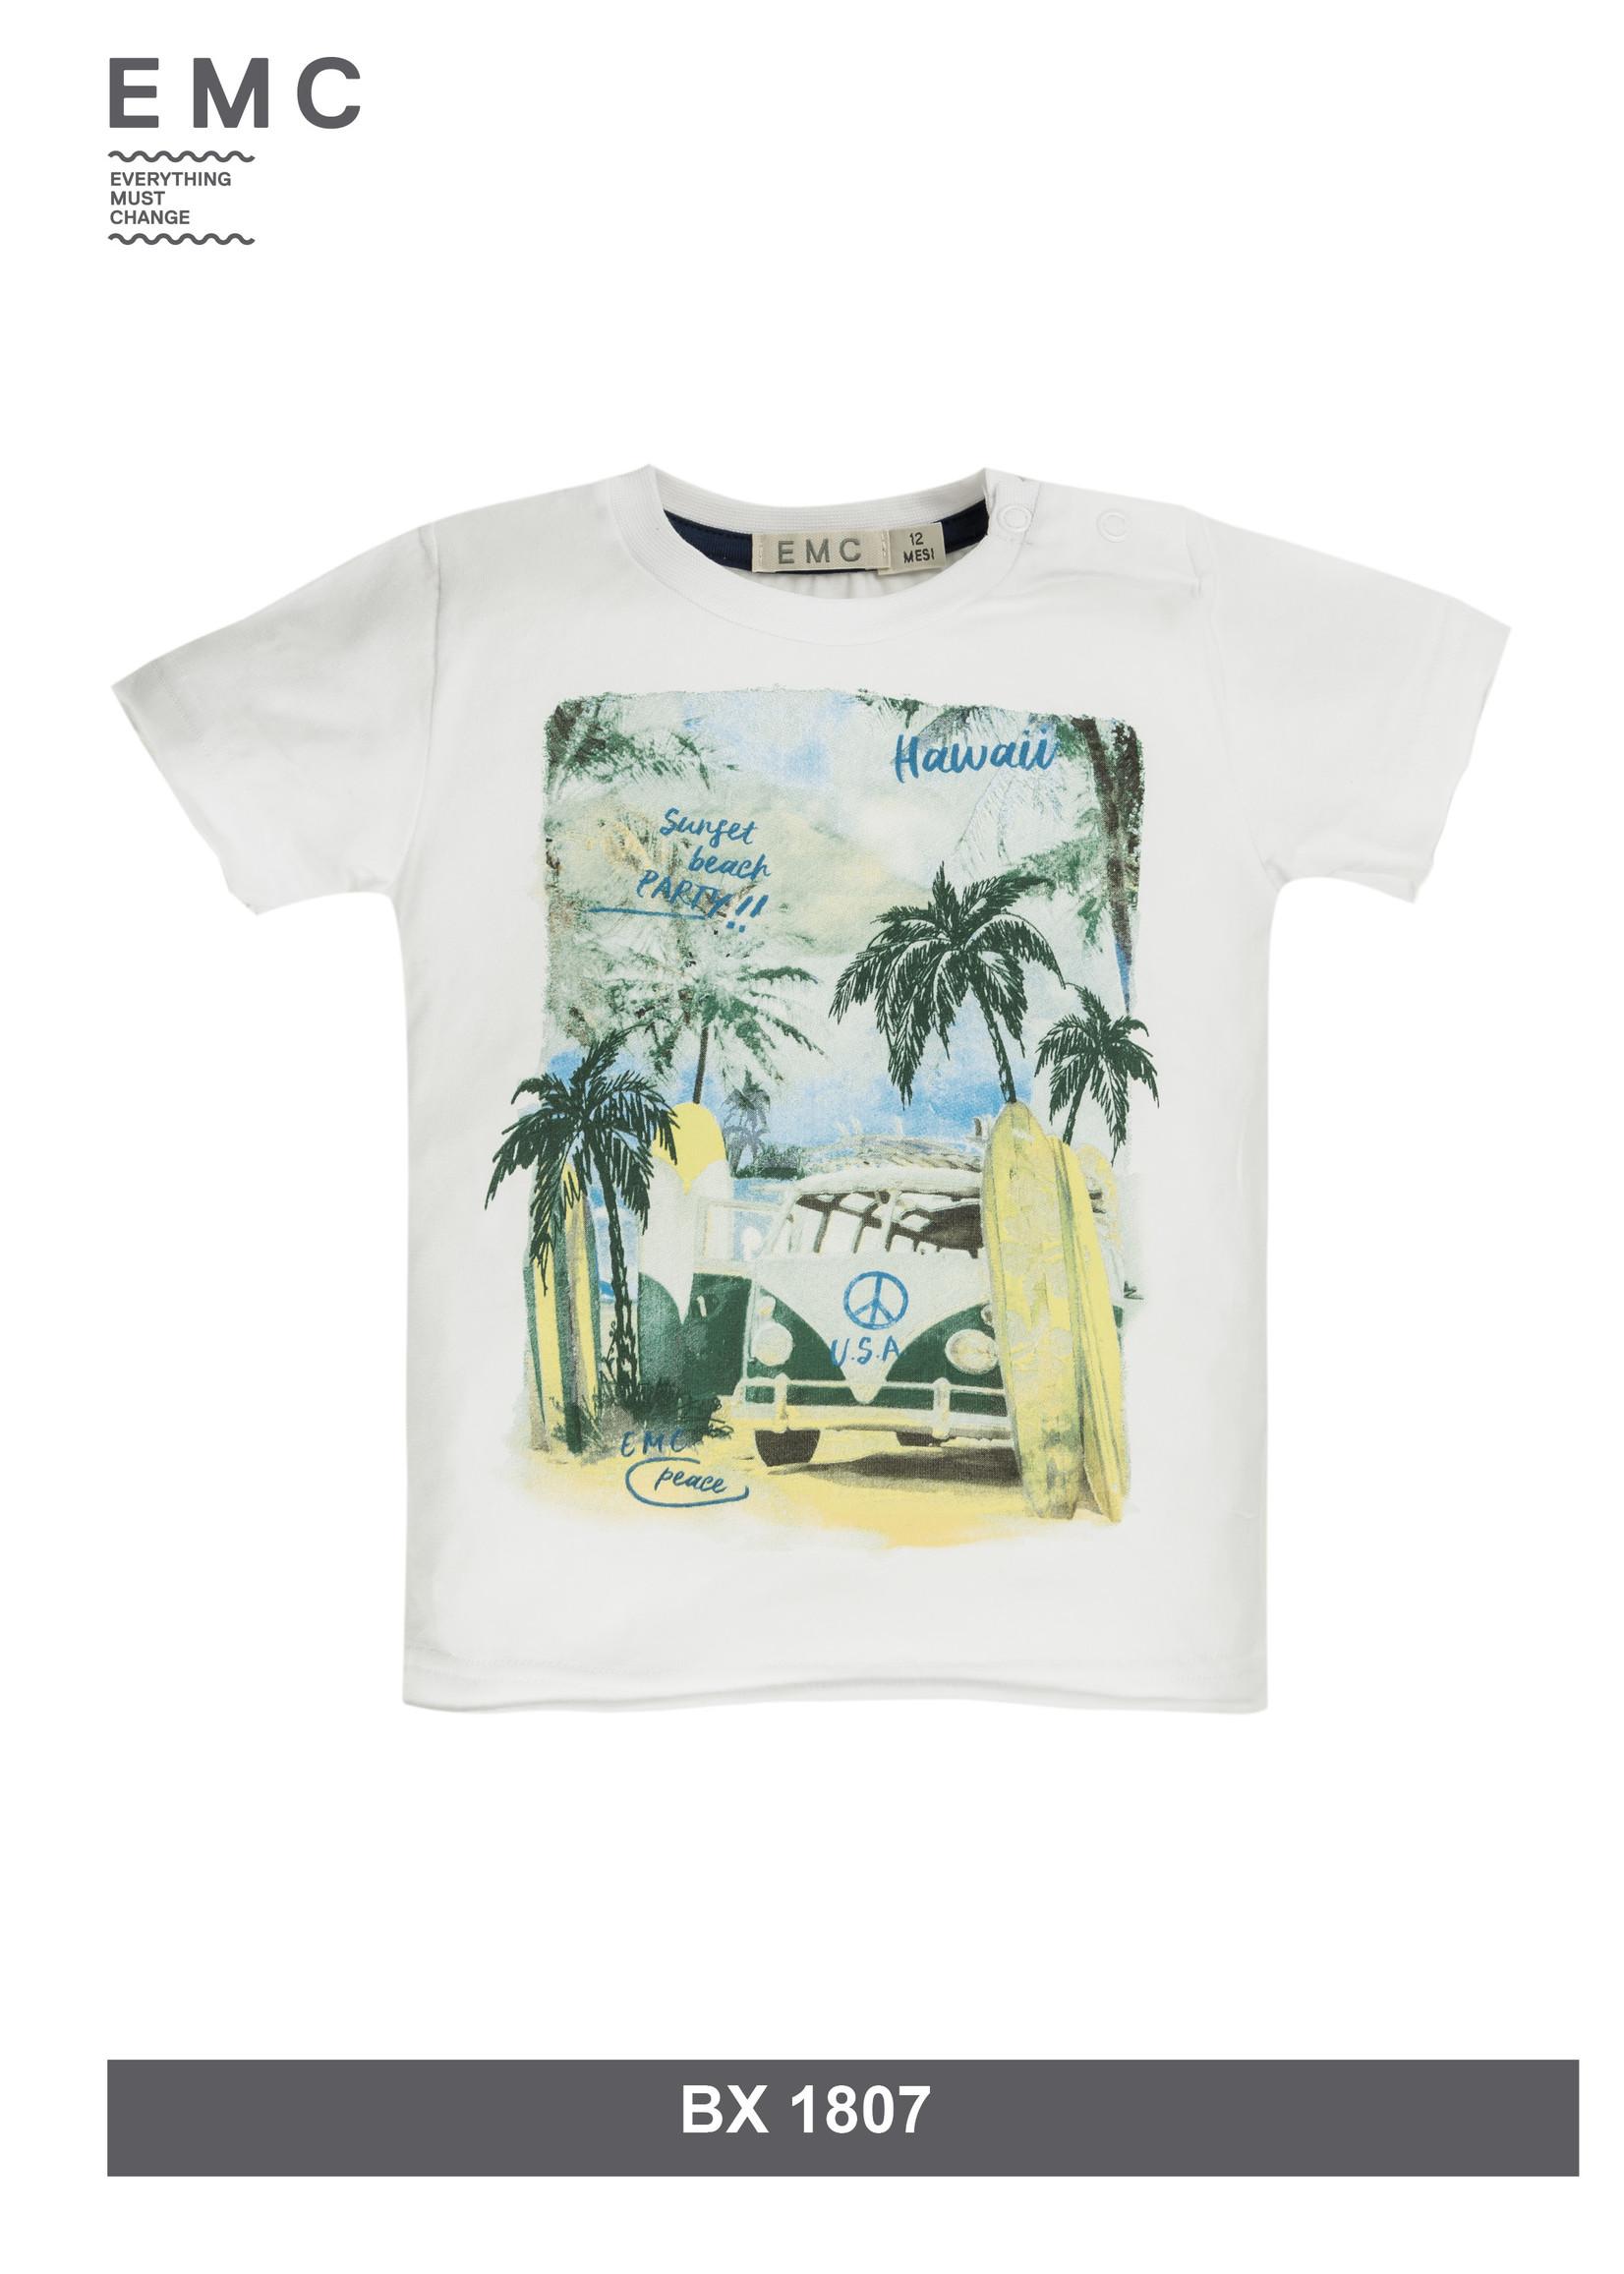 EMC EMC sunset beach shirt